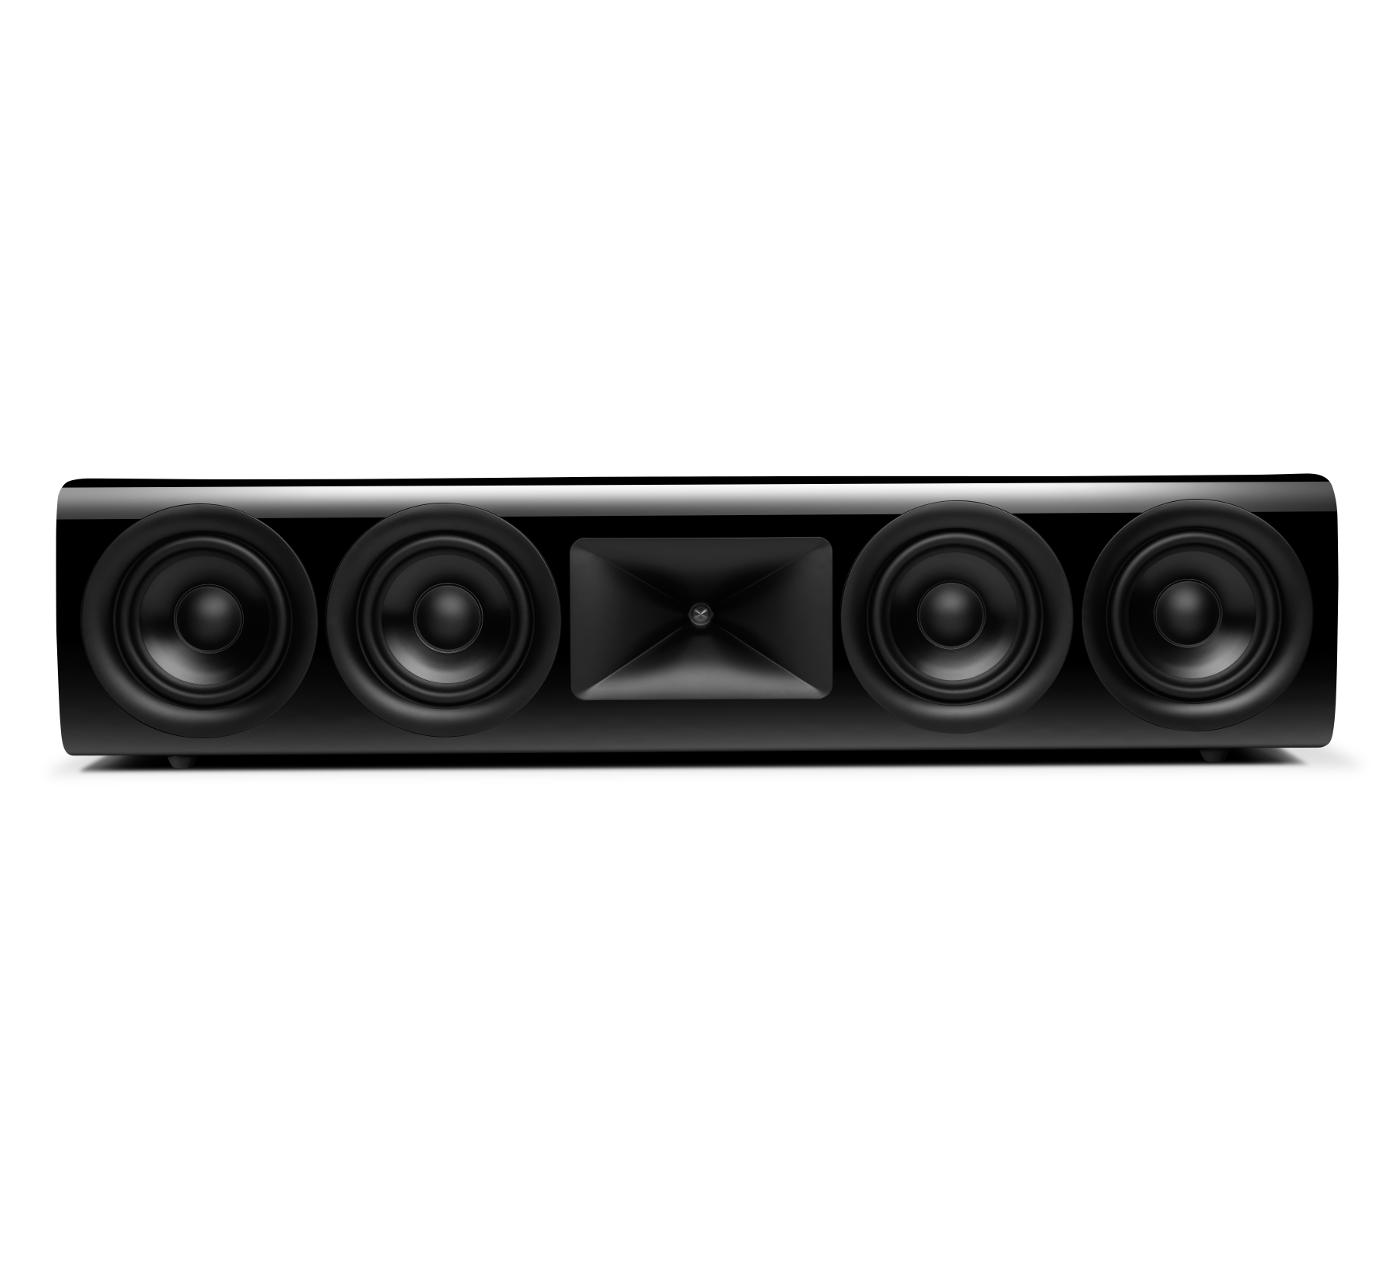 Акустика центрального канала JBL HDI 4500 Black Gloss